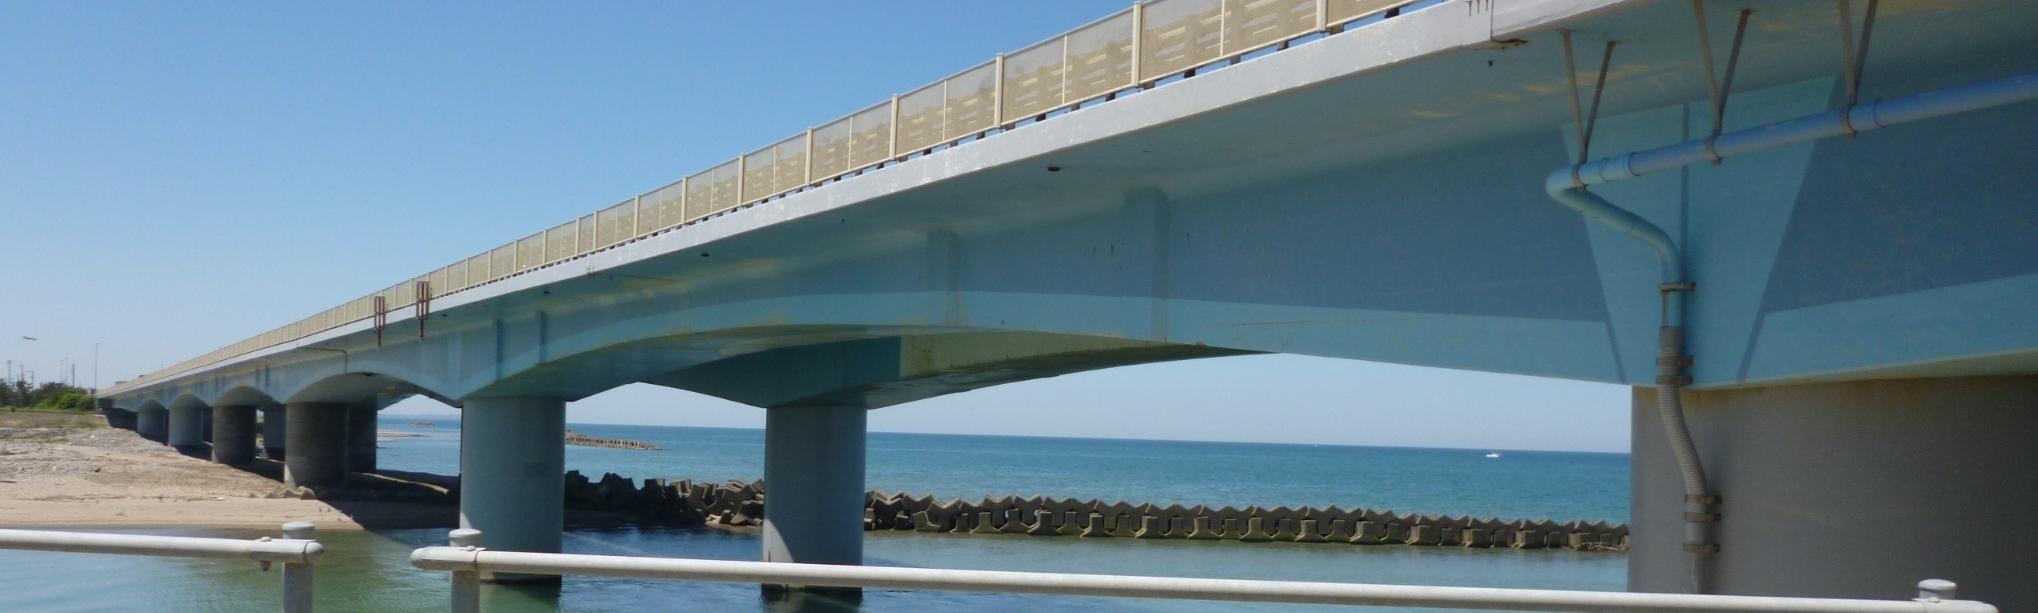 高速美川橋